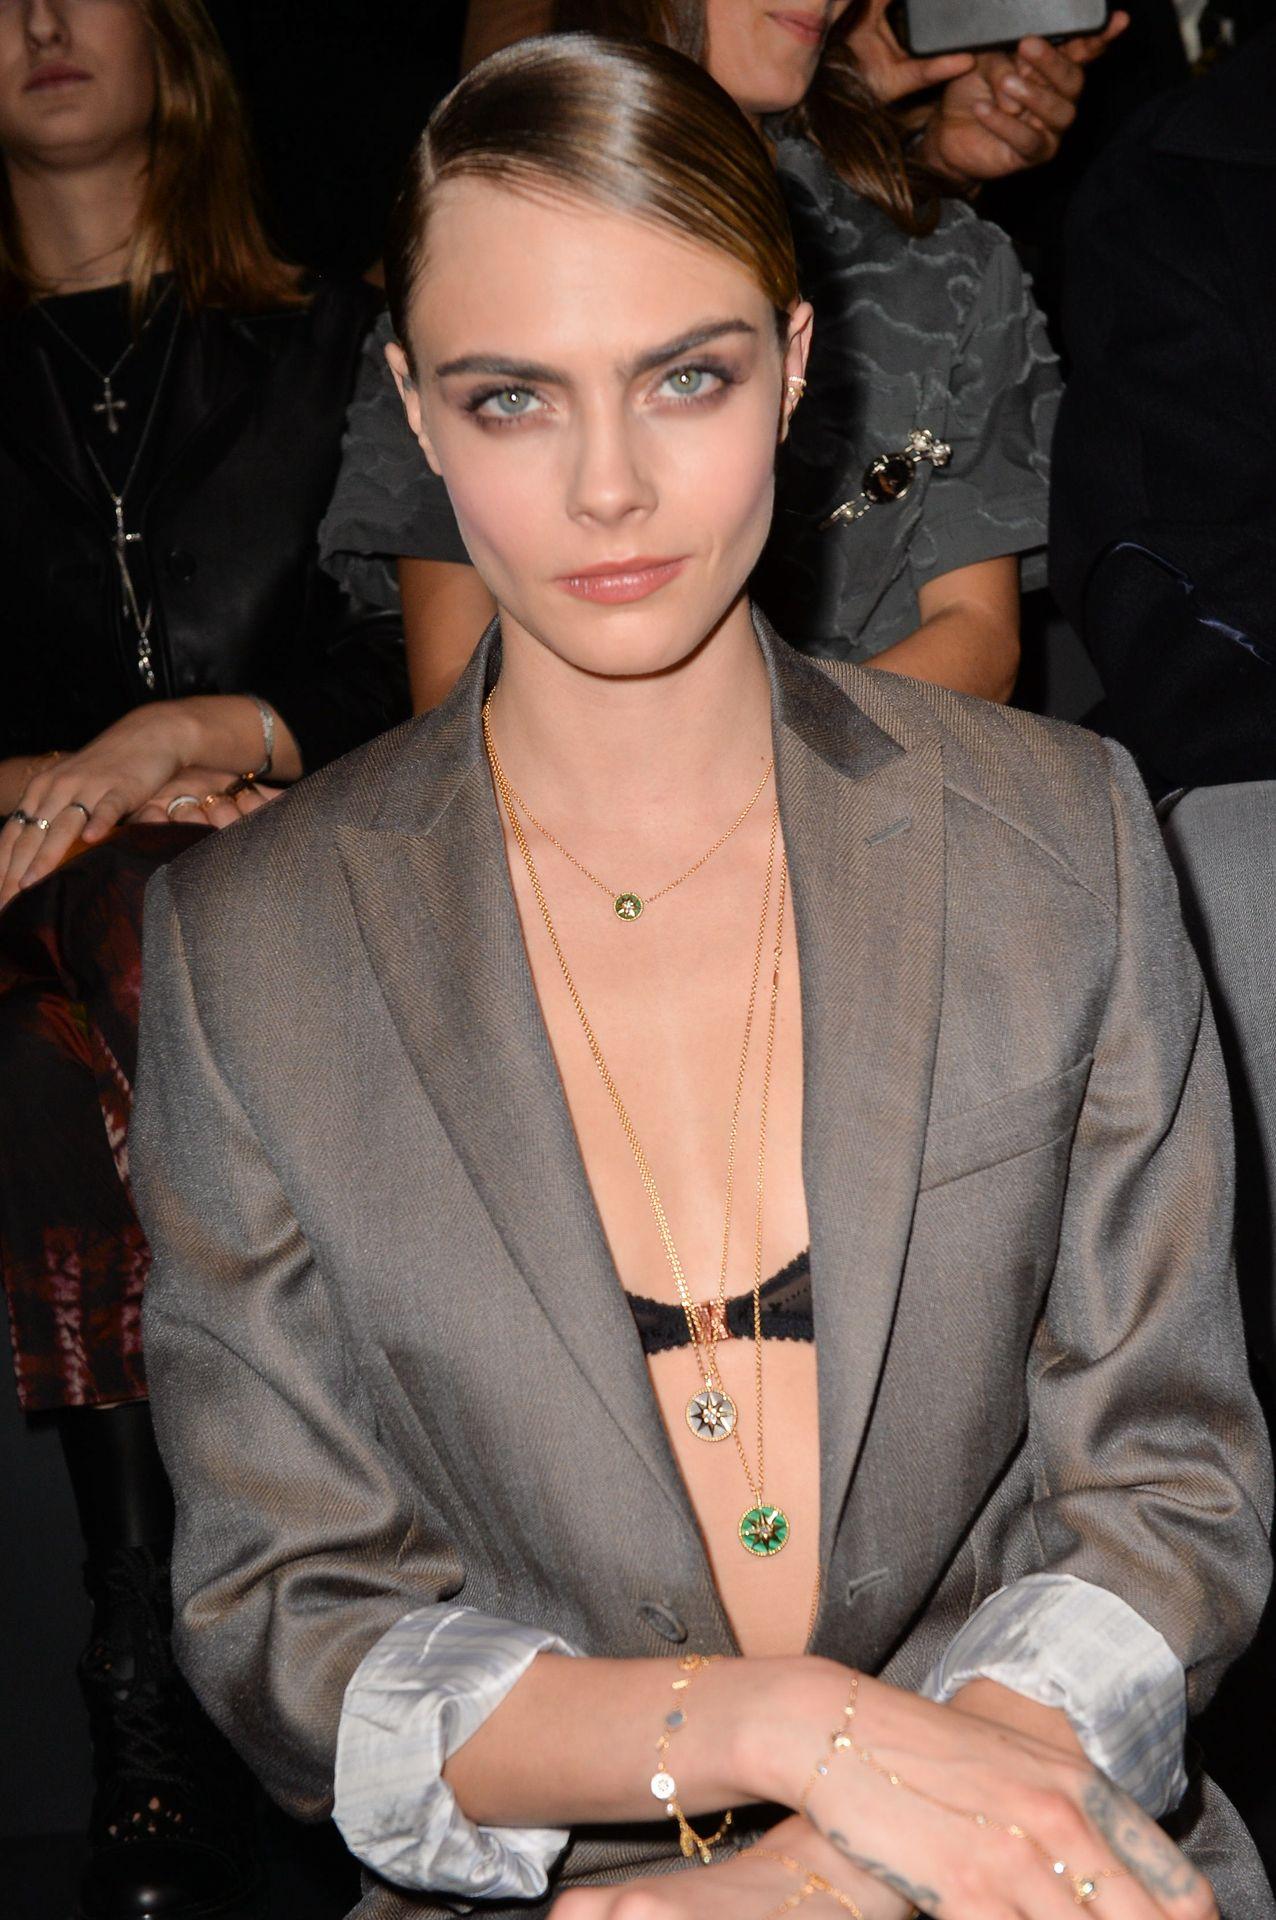 Cara Delevingne's Nipple Peek In A Bra 0011